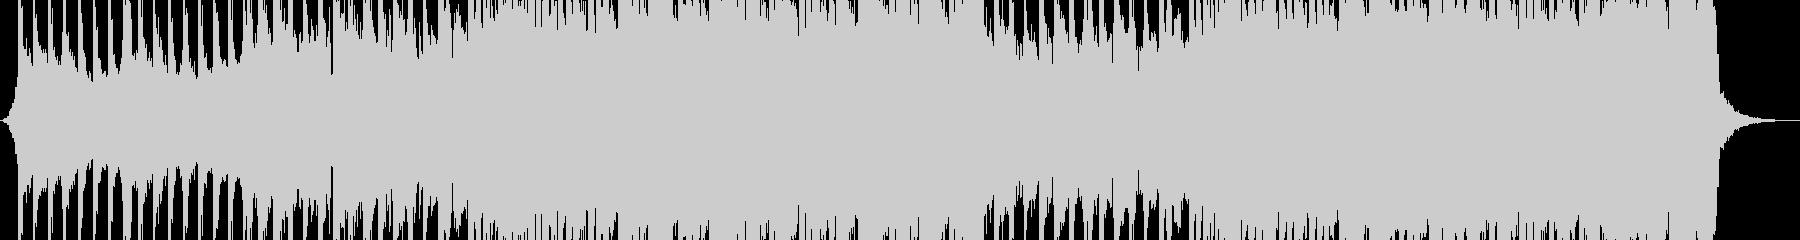 プロモーション用ロックミュージックの未再生の波形